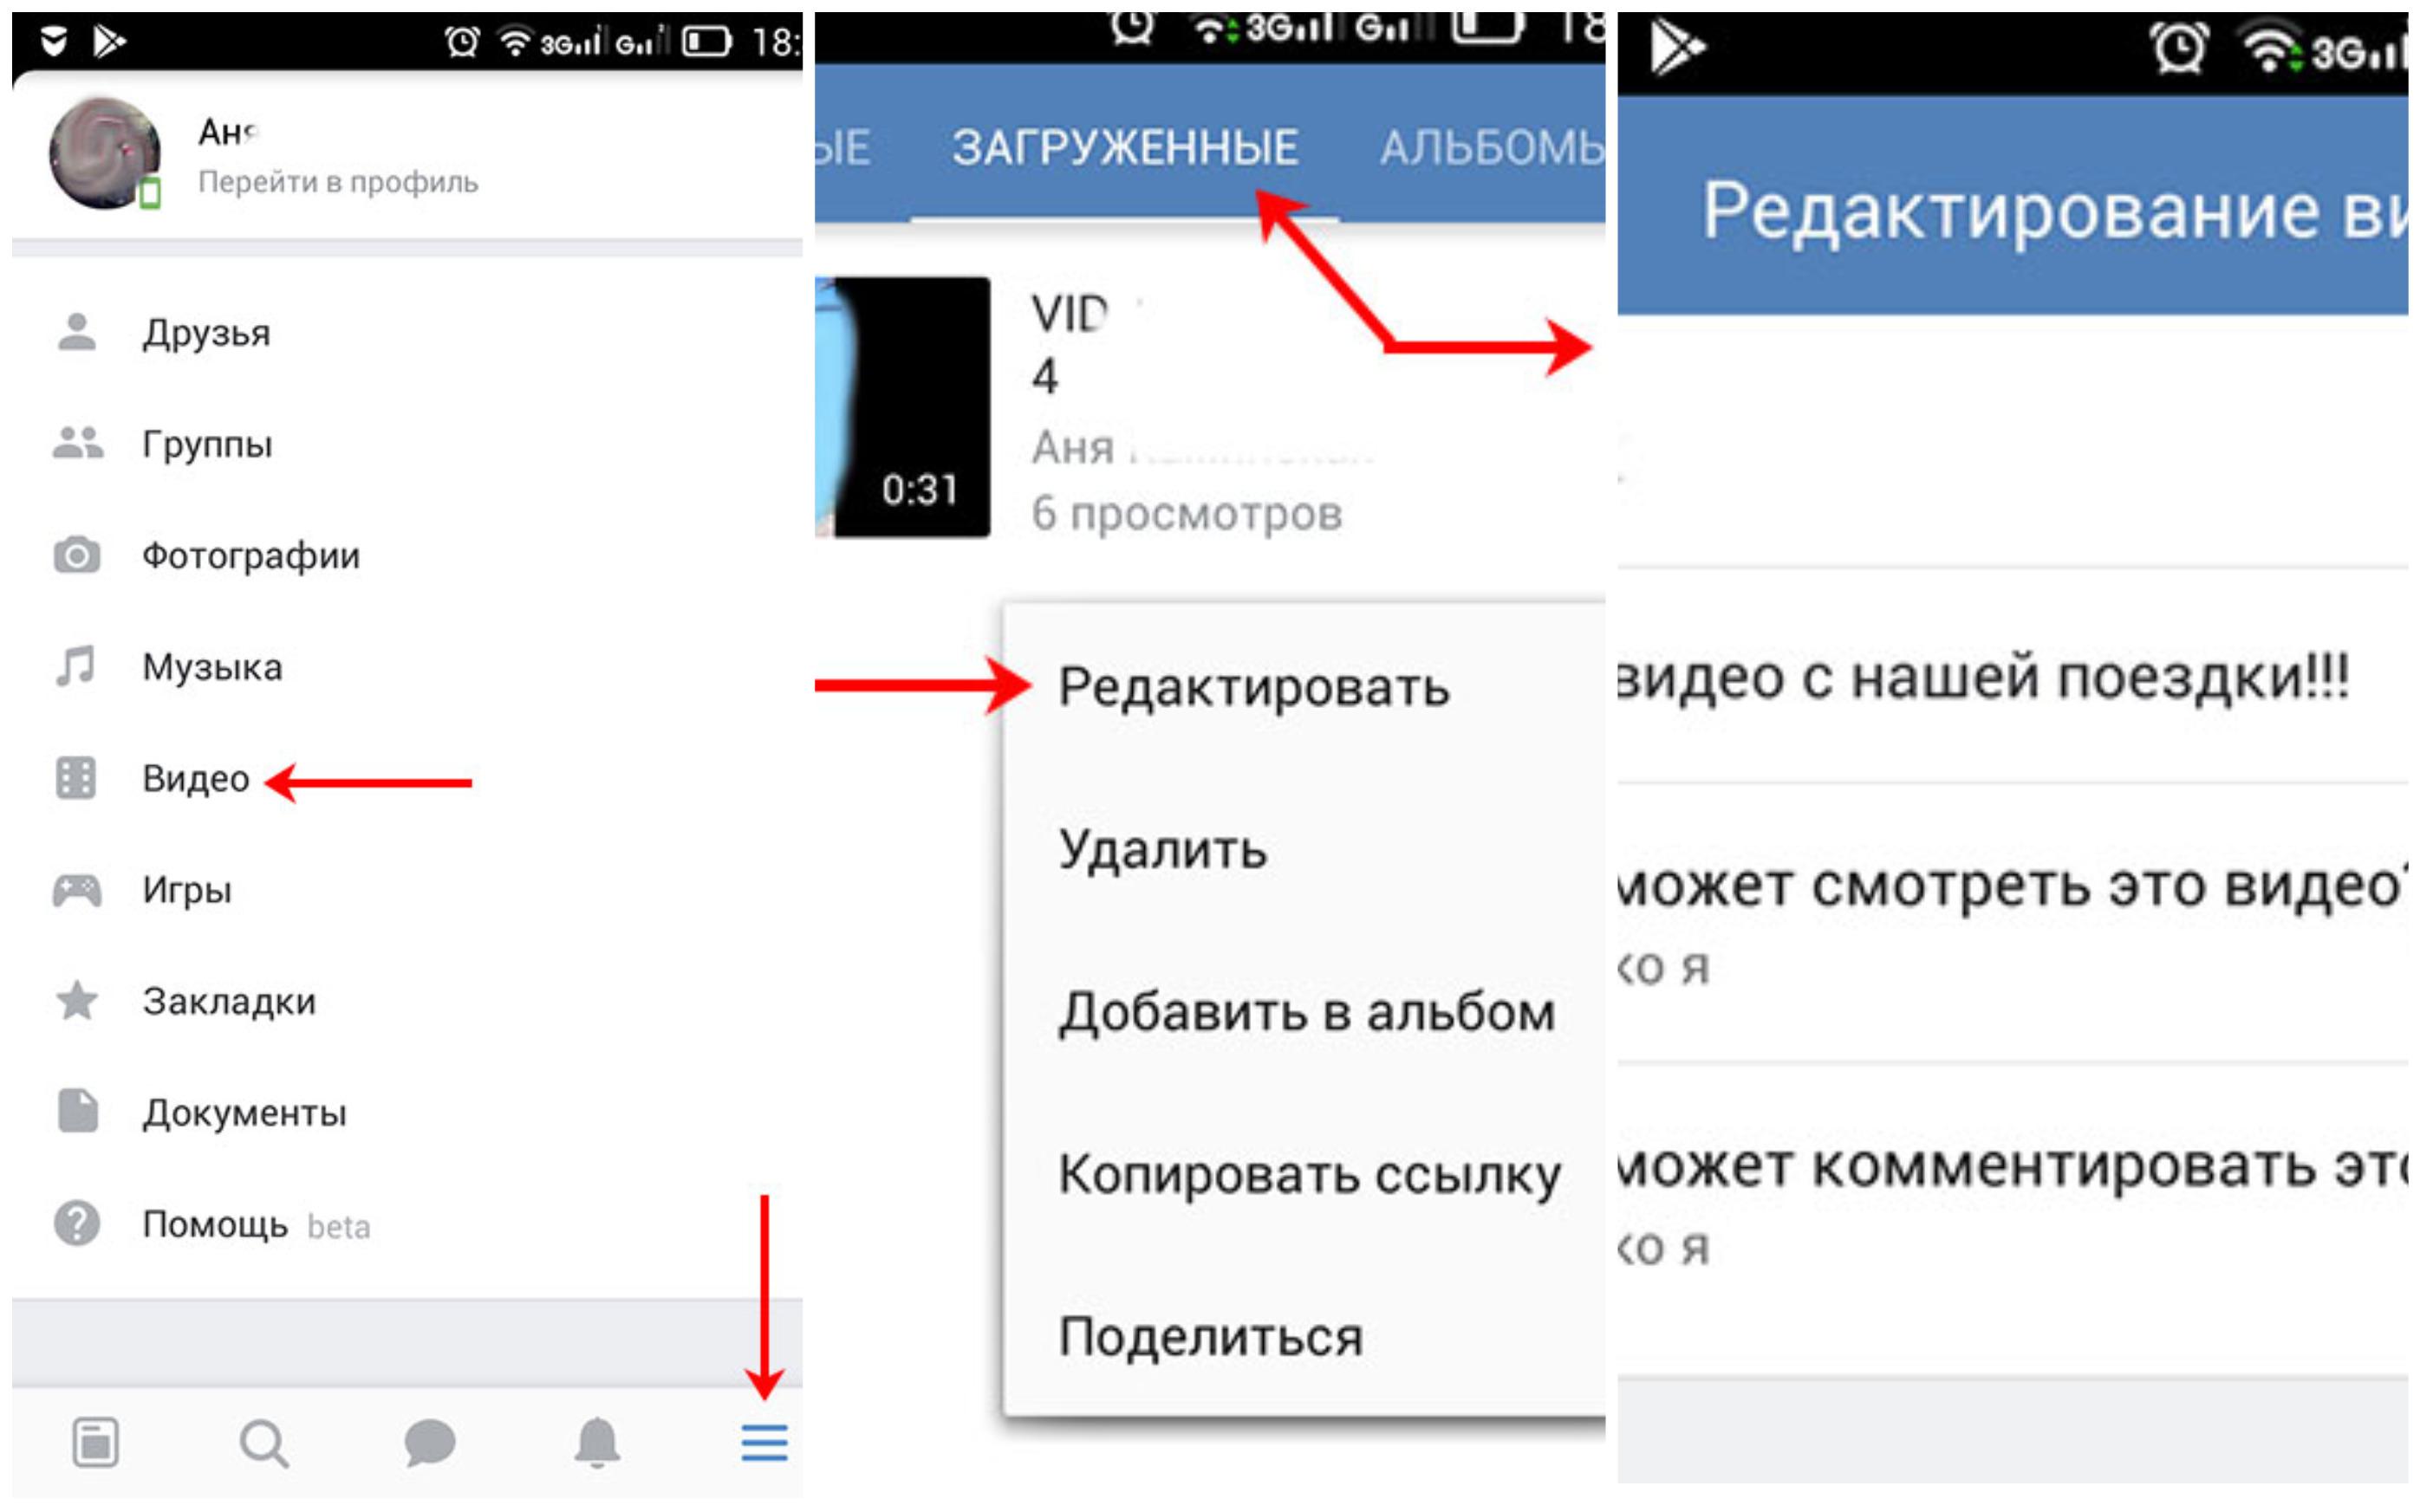 Иллюстрация на тему Как закрыть видеозаписи в ВК: с мобильного устройства, с ПК